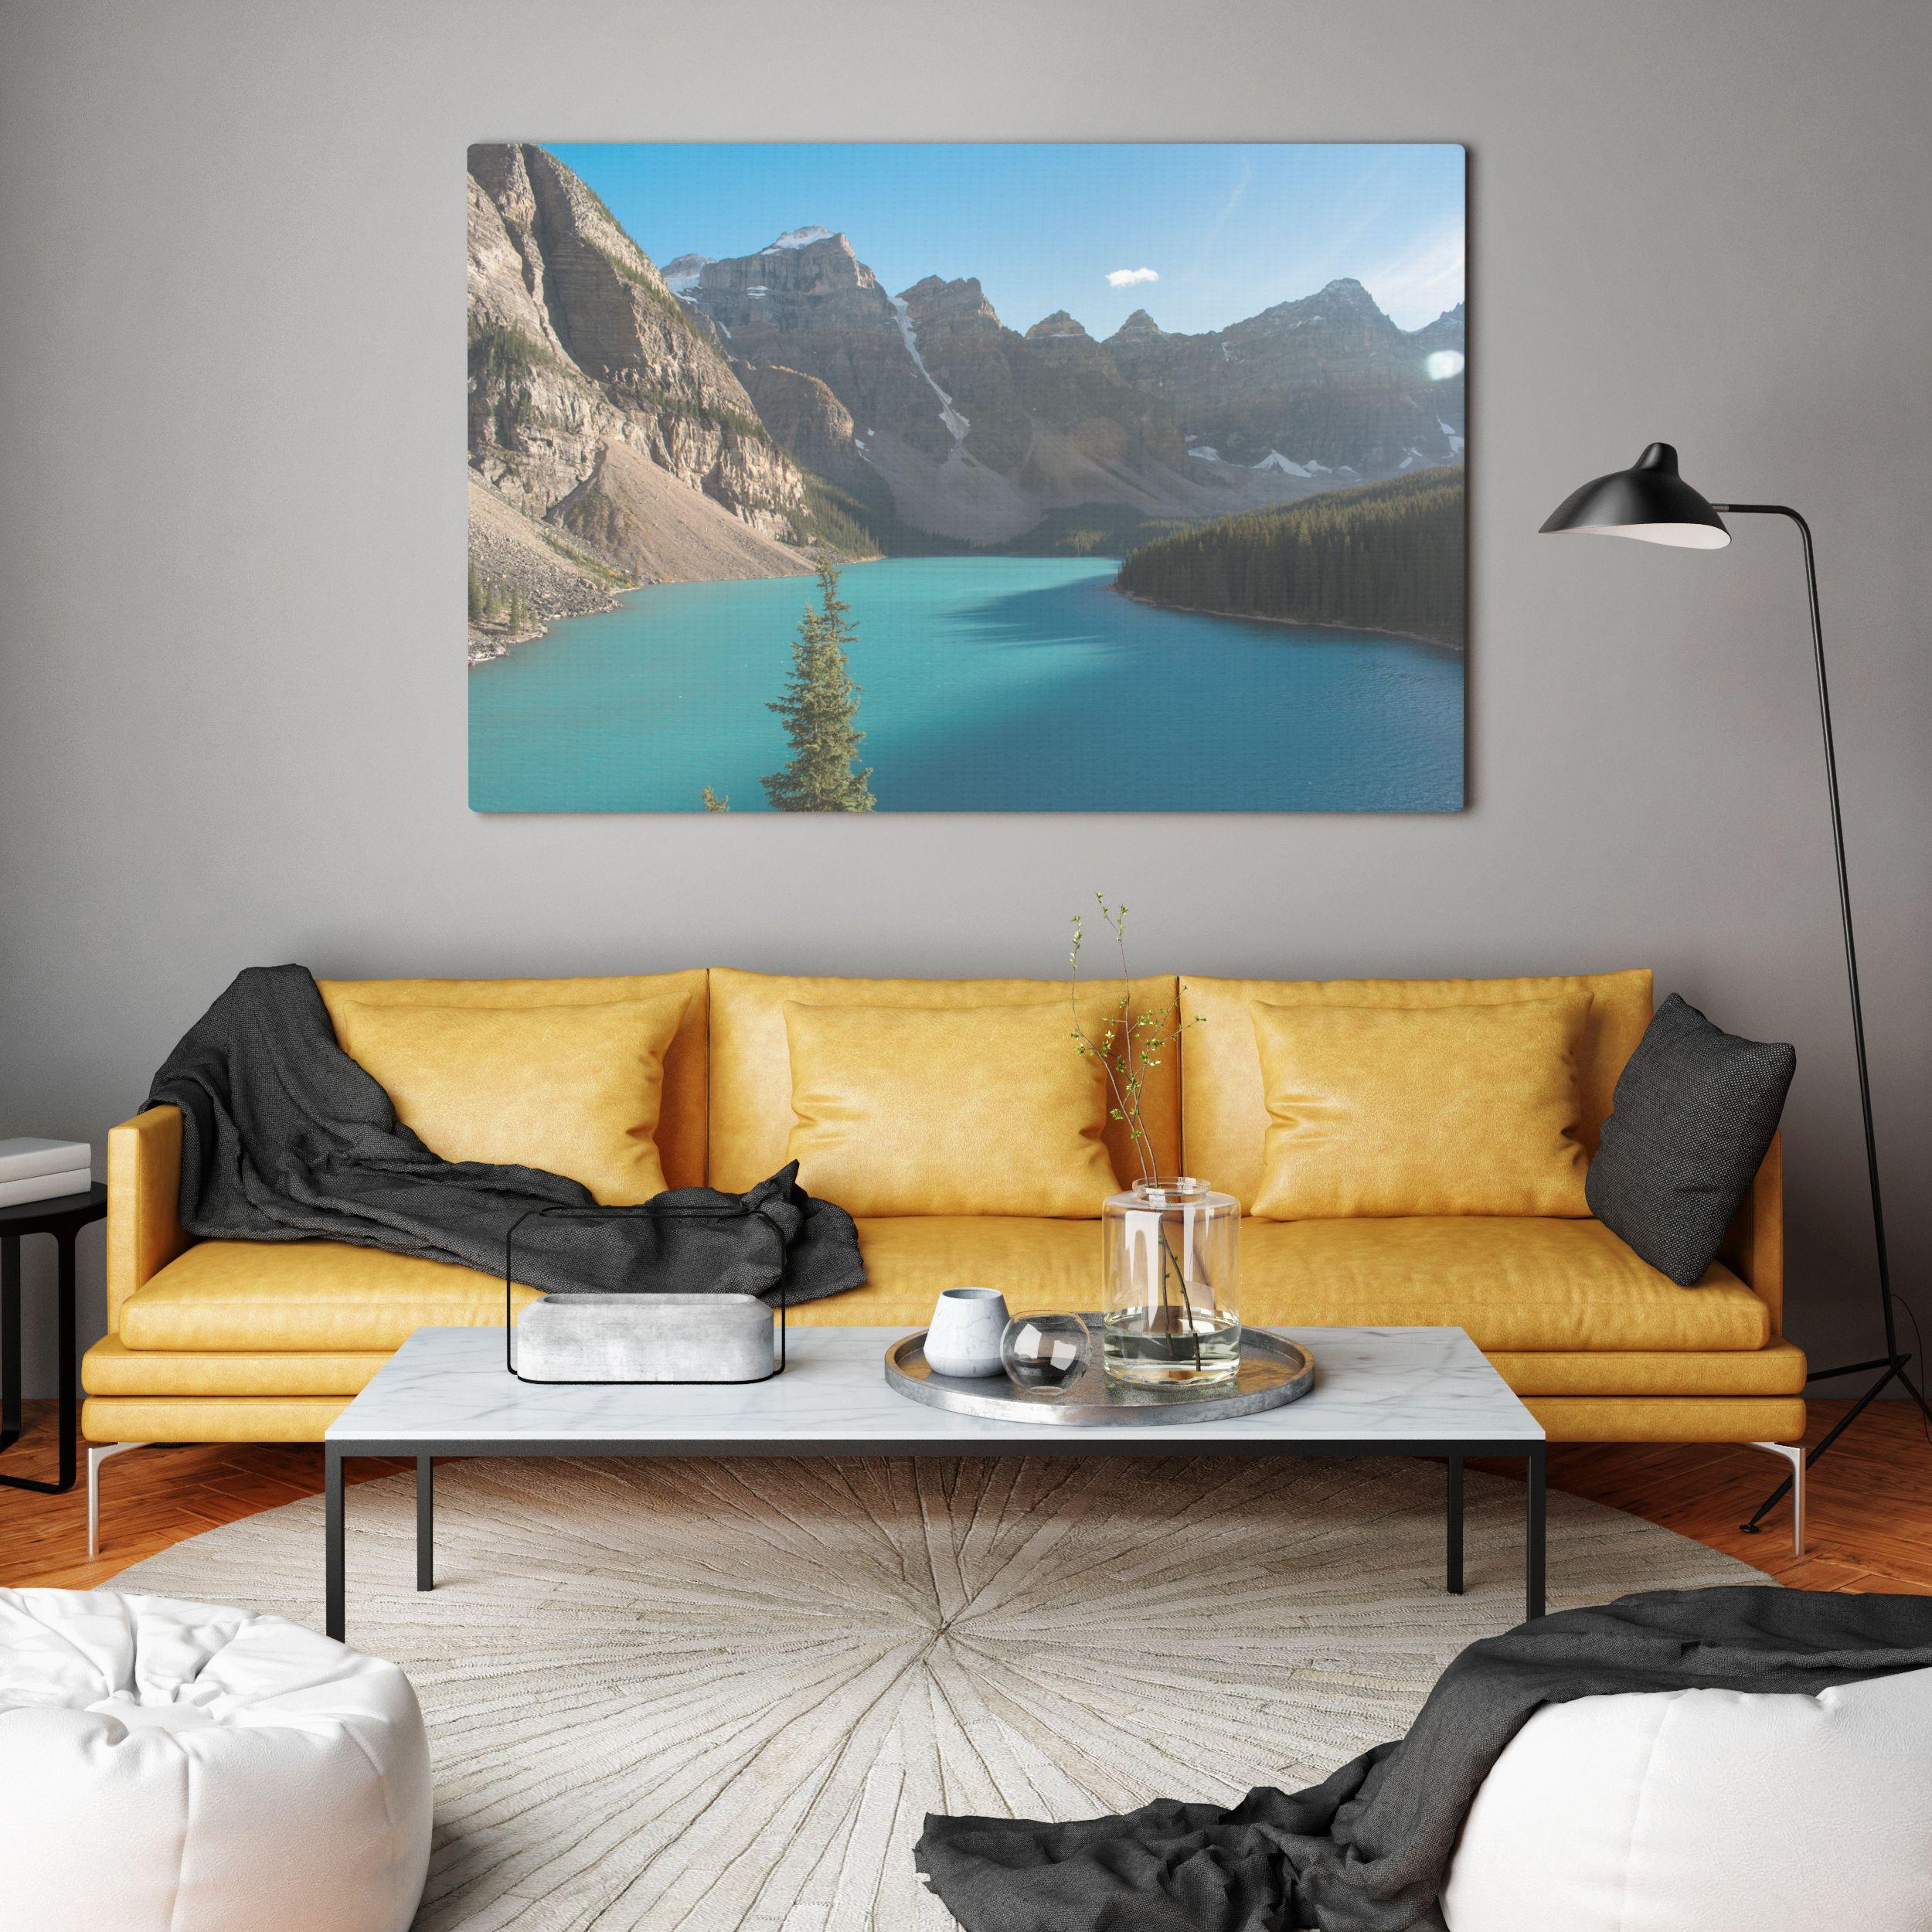 dein foto auf leinwand drucken lassen in schonsten farben und ausgezeichneter druckqualitat klick hier fotoleinwand xxl 60x80 günstig